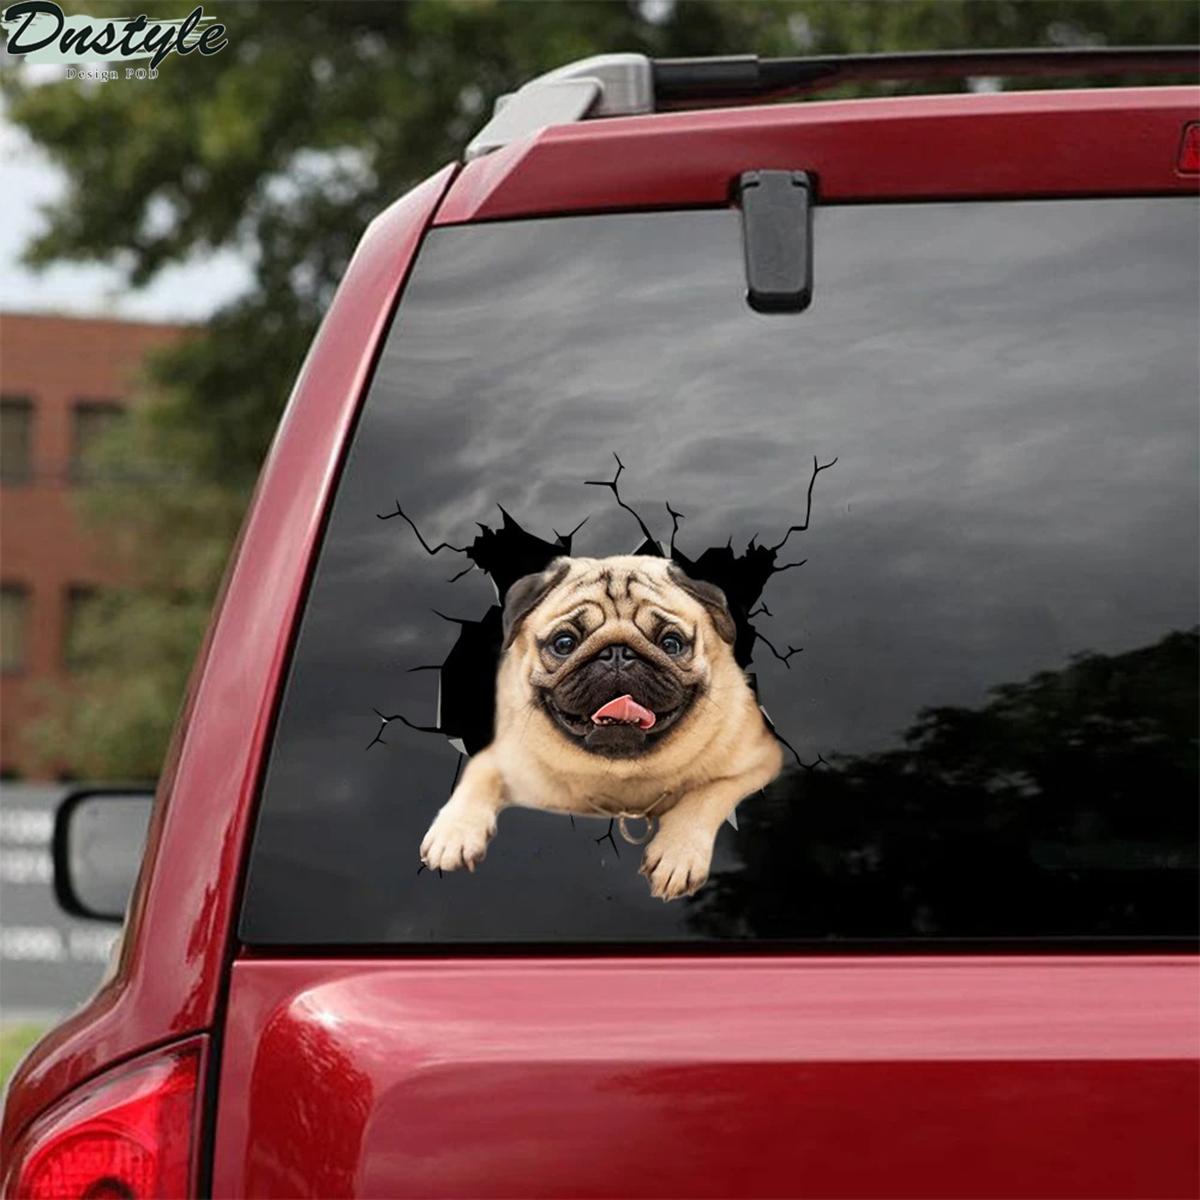 Funny pug sticker car decal 1